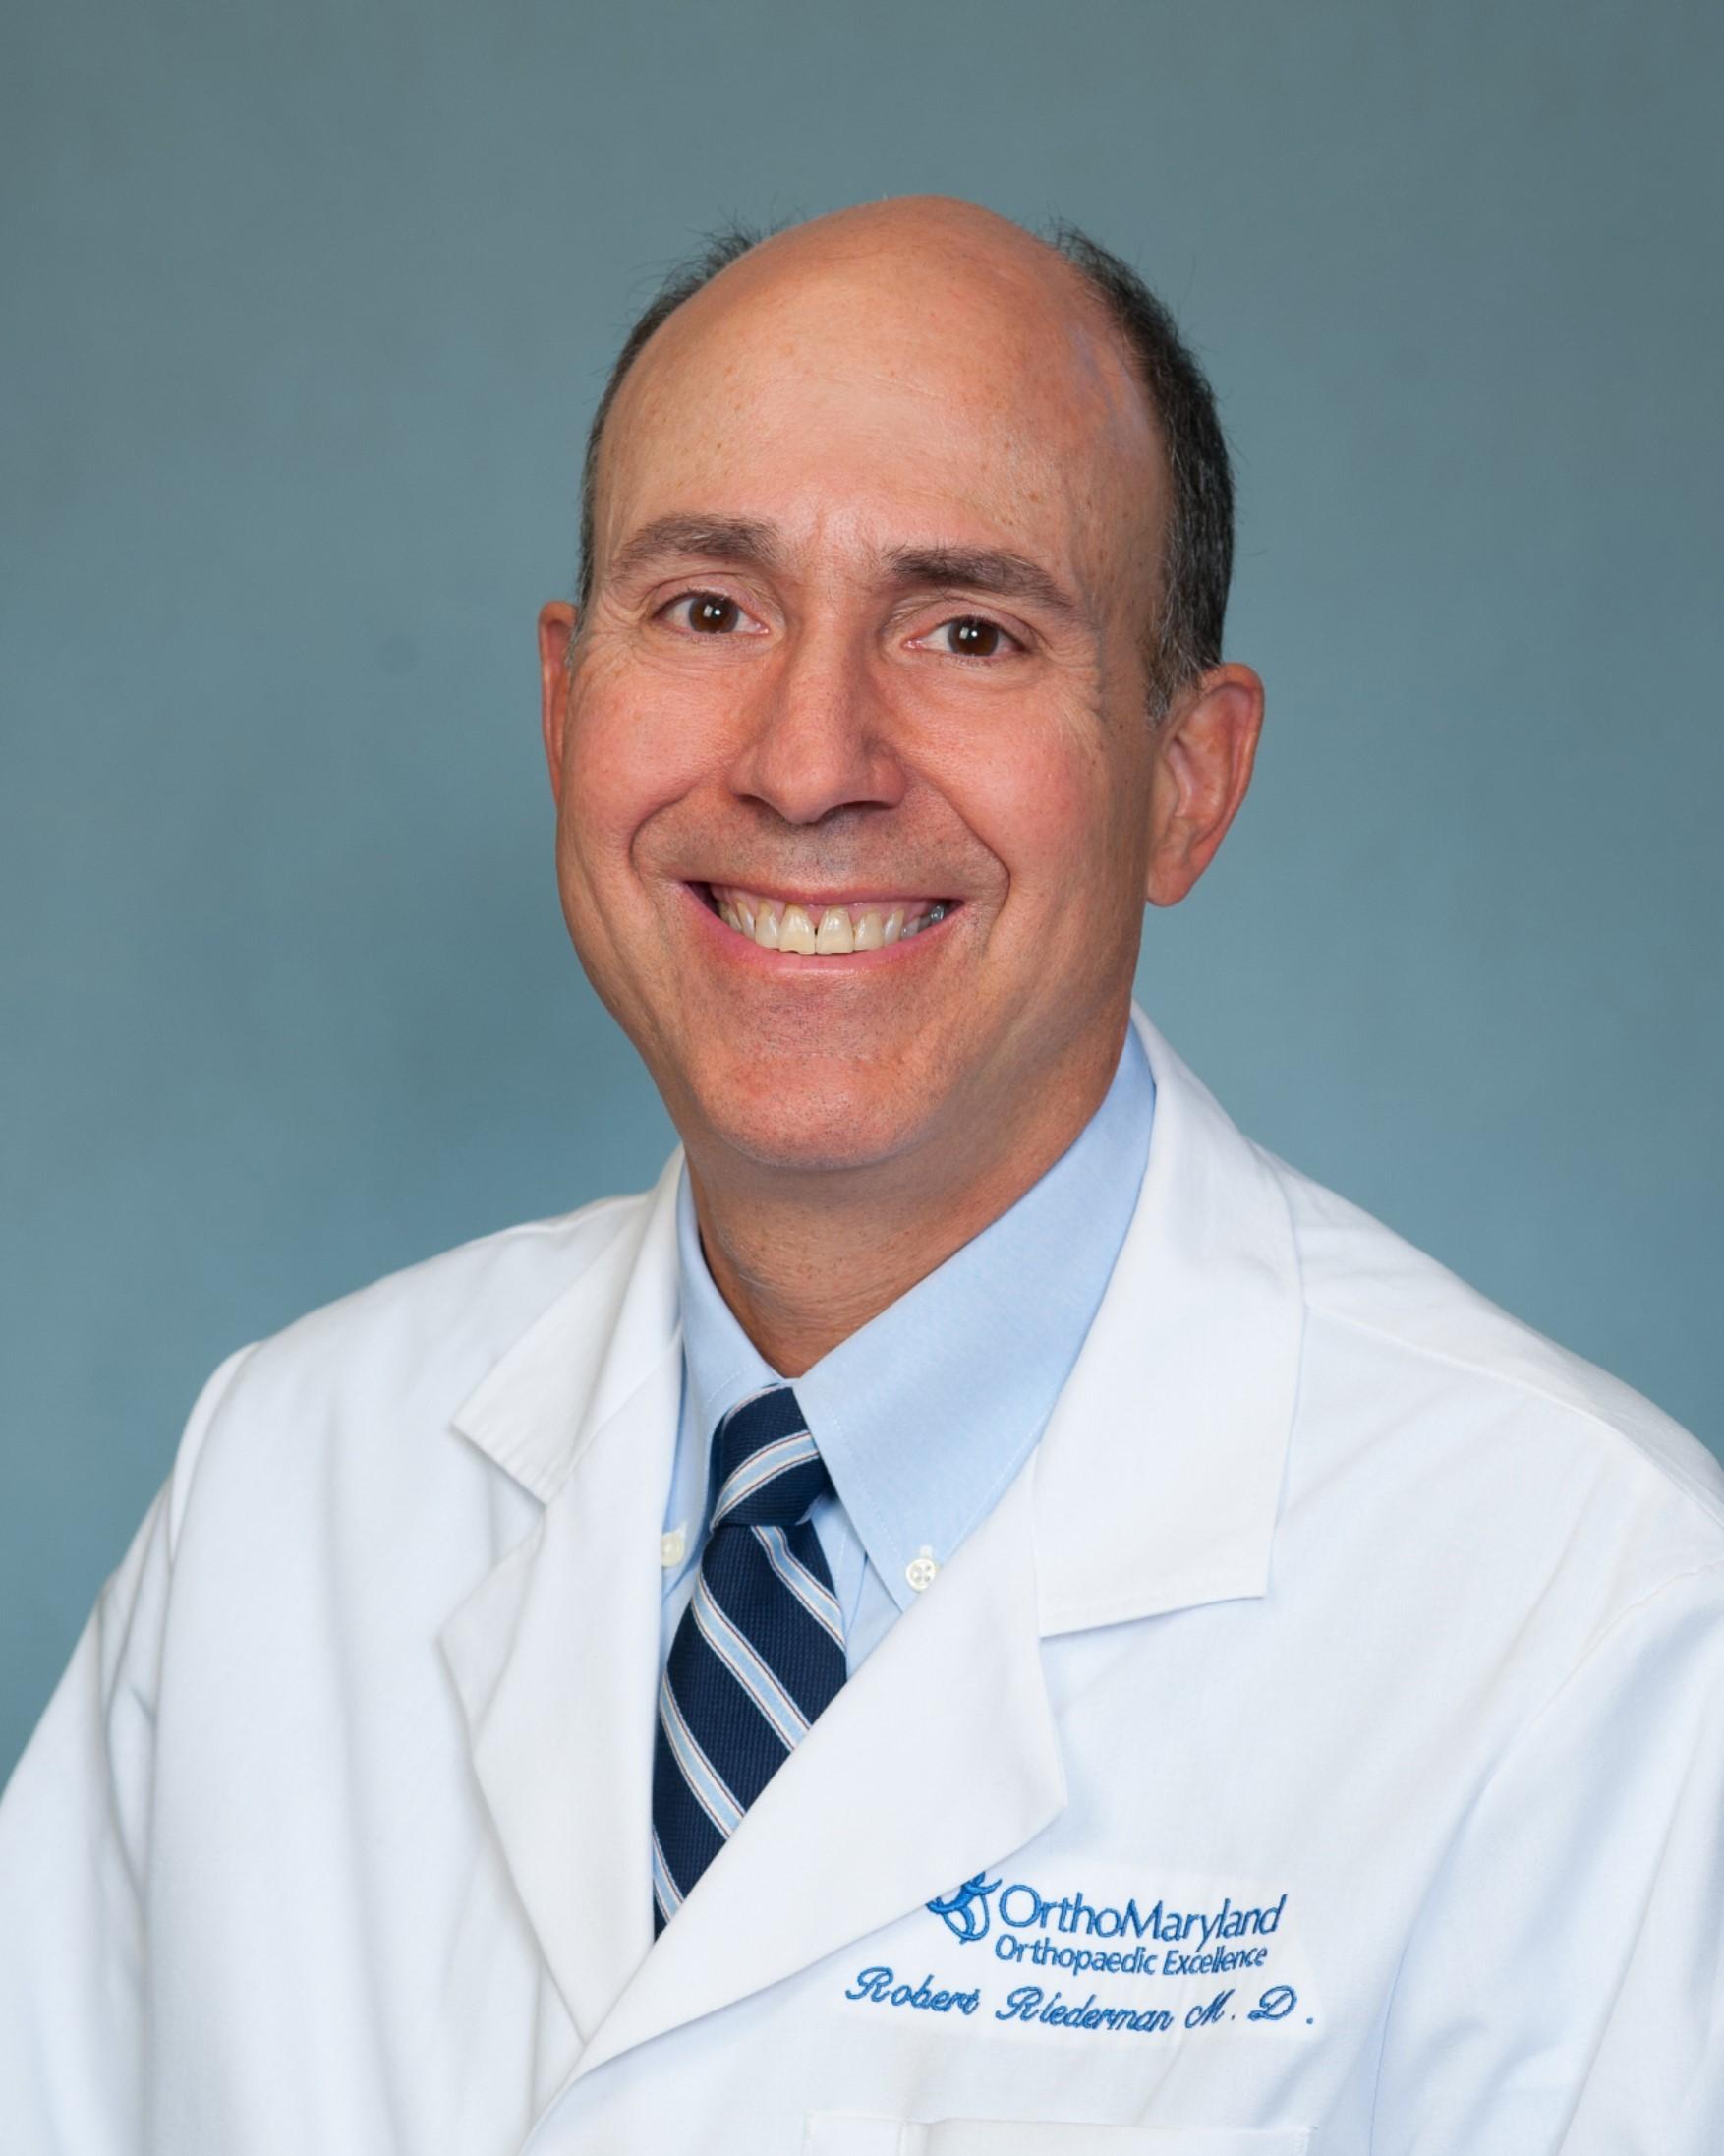 Dr.-Riederman-small.jpg#asset:68286